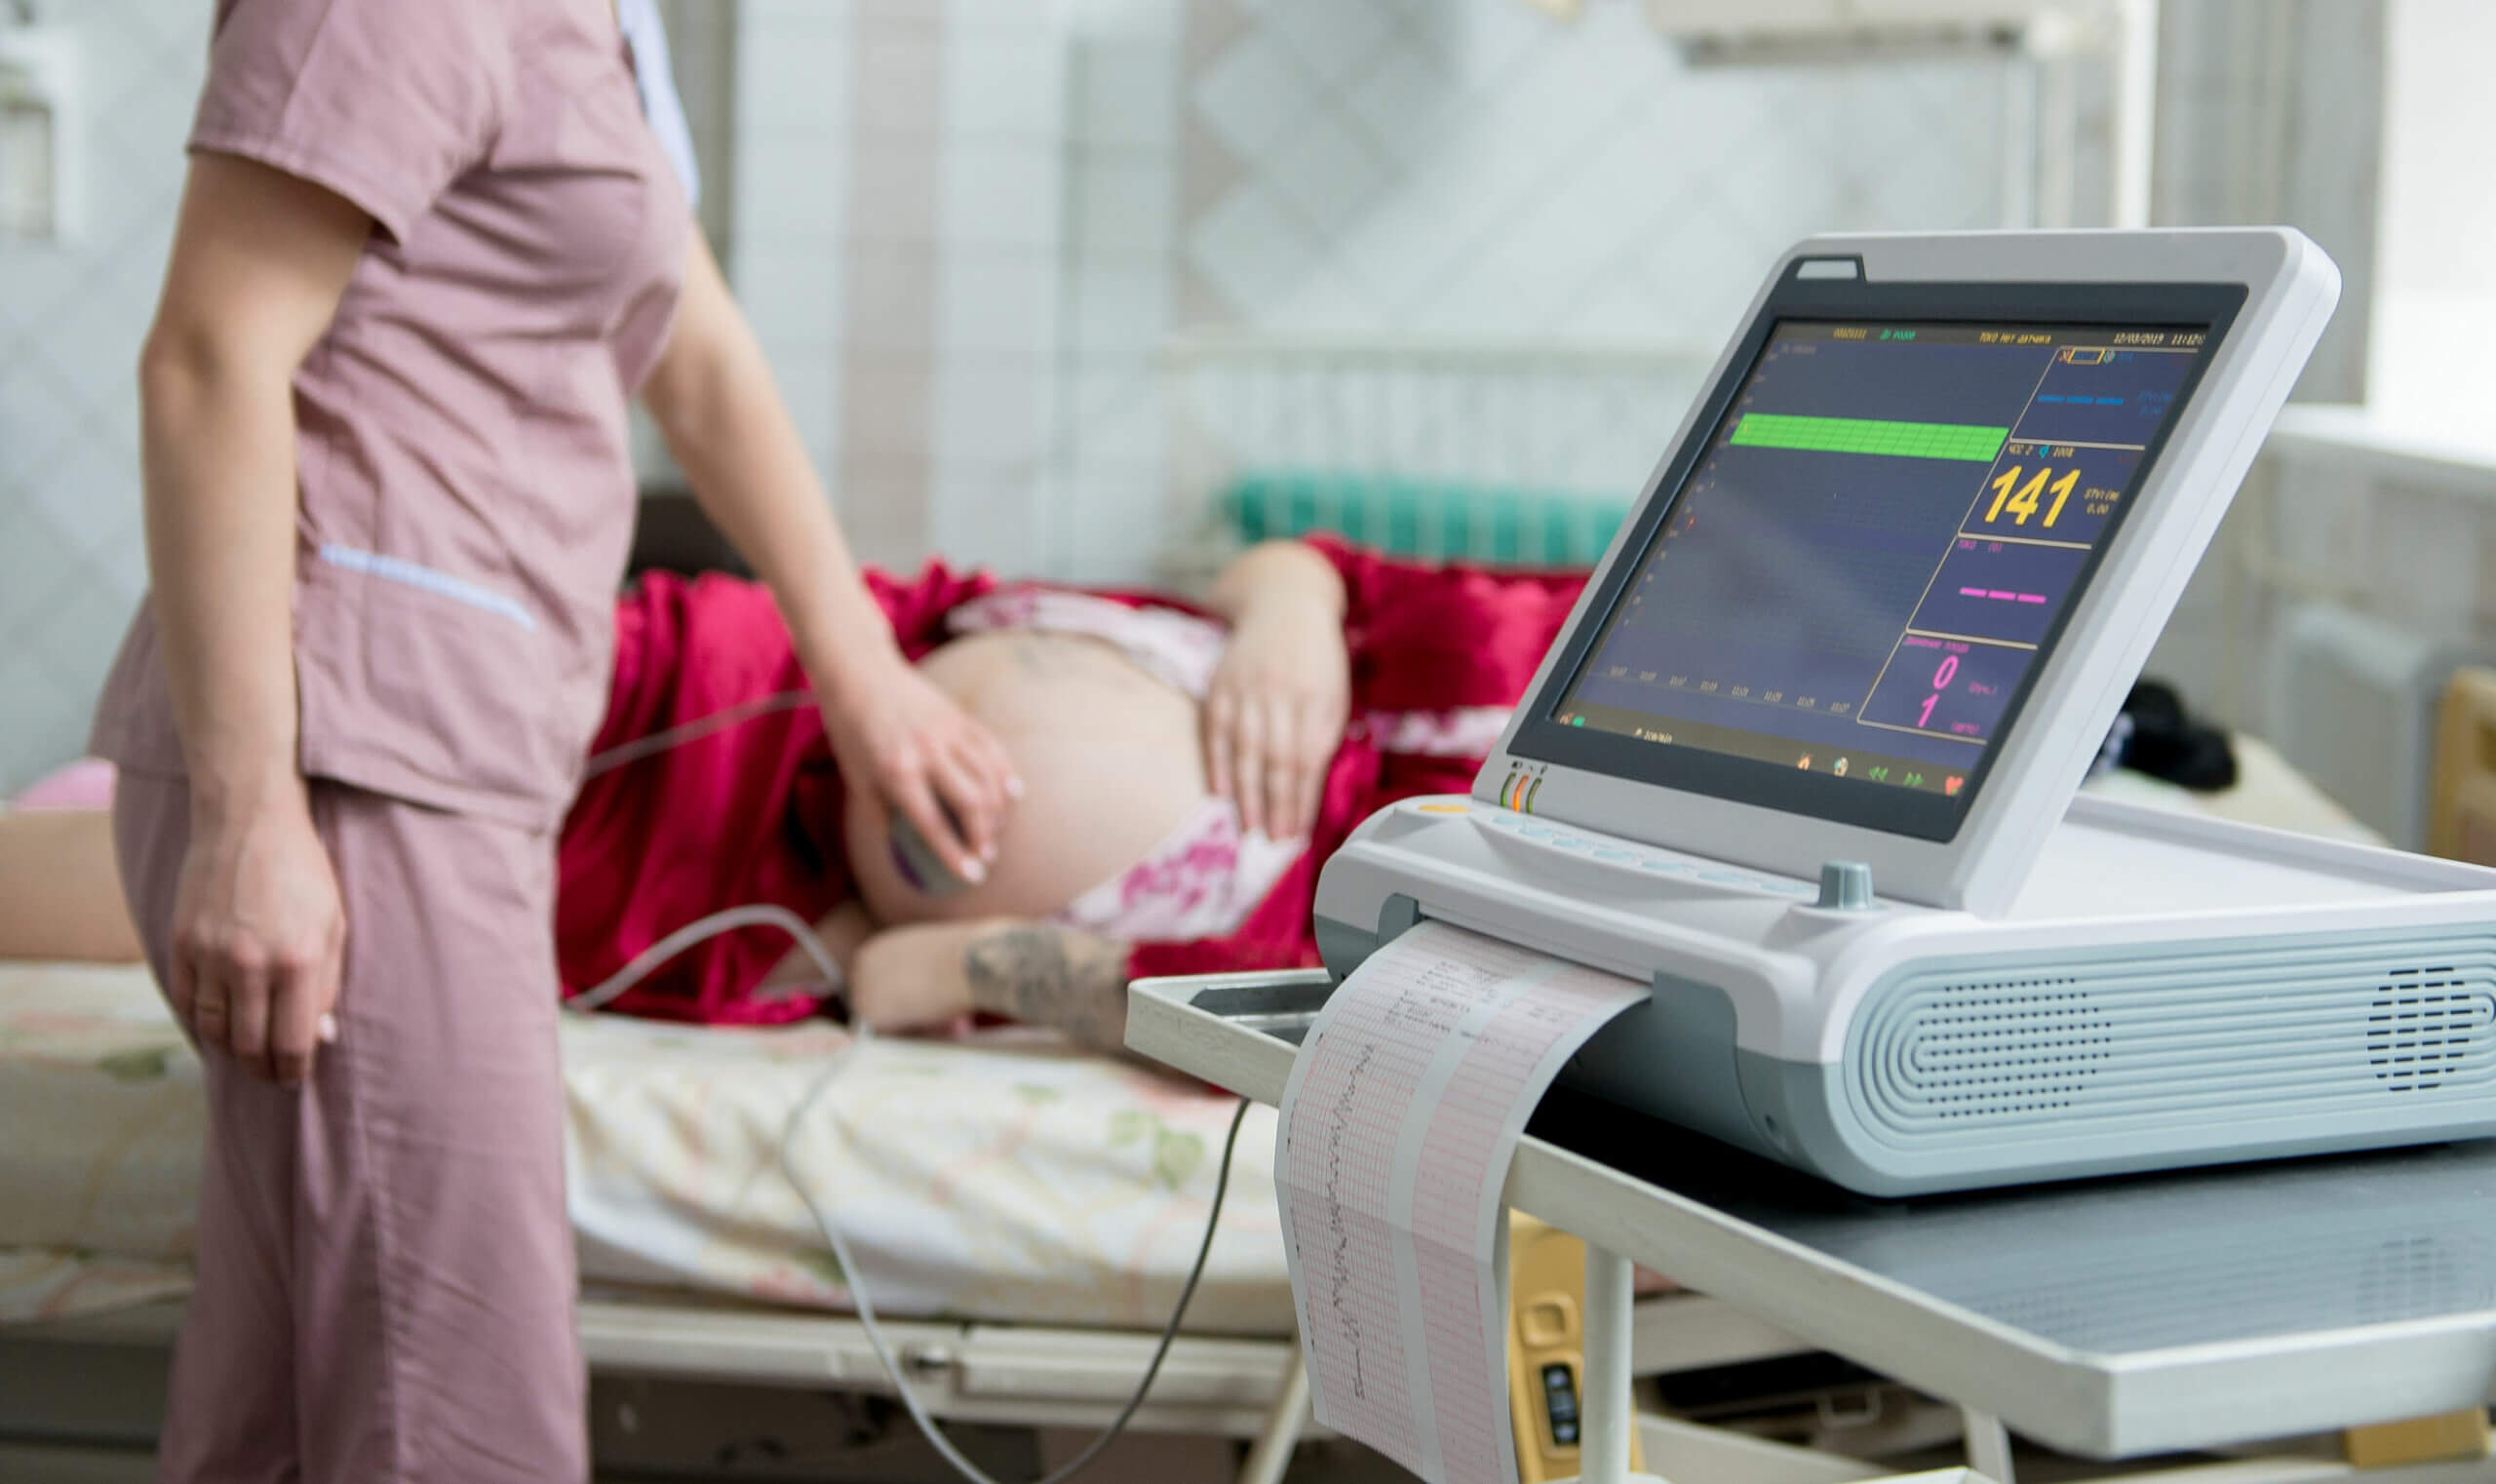 Las fases del parto incluyen la dilatación.